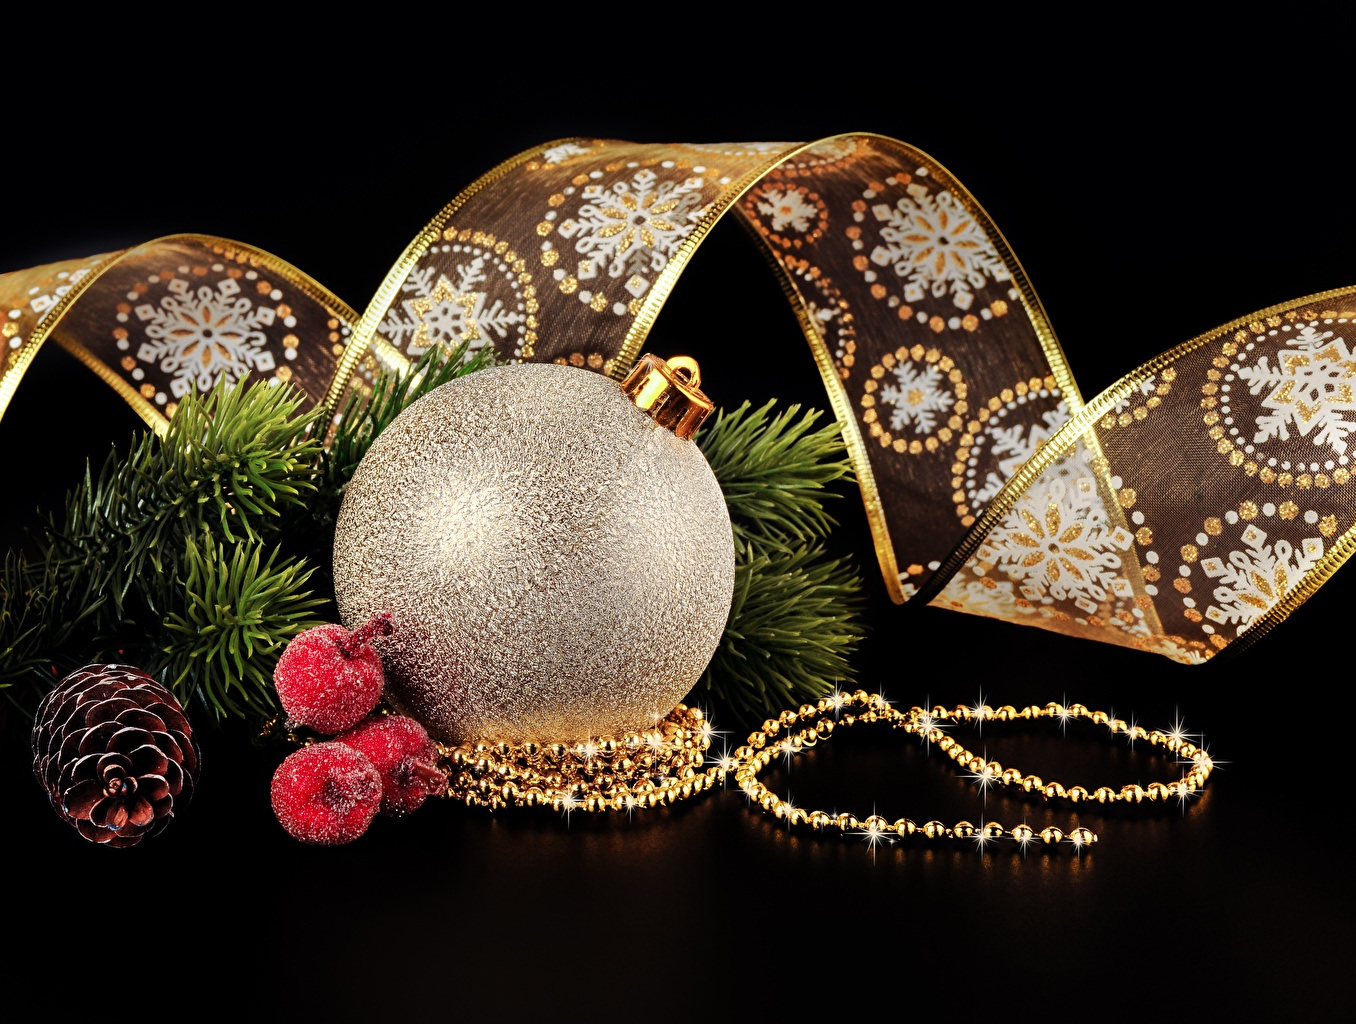 Картинки Новый год Шар шишка Лента Черный фон Рождество Шишки Шарики ленточка на черном фоне